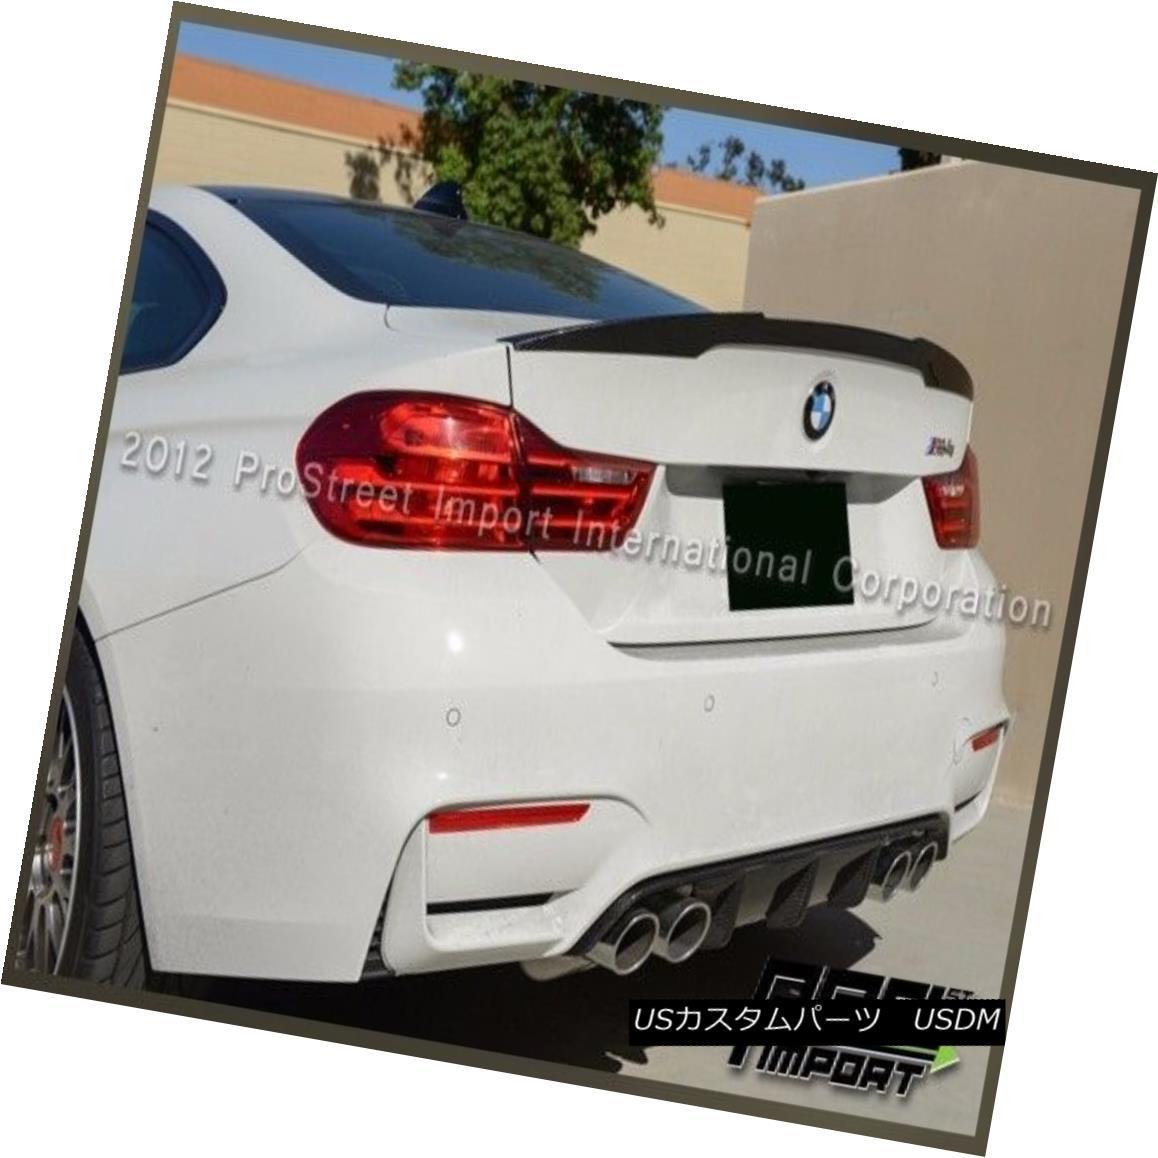 エアロパーツ V Style Carbon Fiber Tail Wing Spoiler Lip For BMW 2015+ F82 M4 Coupe Only Vスタイルカーボンファイバーテールウイングスポイラーリップ(BMW 2015+ F82 M4クーペのみ)